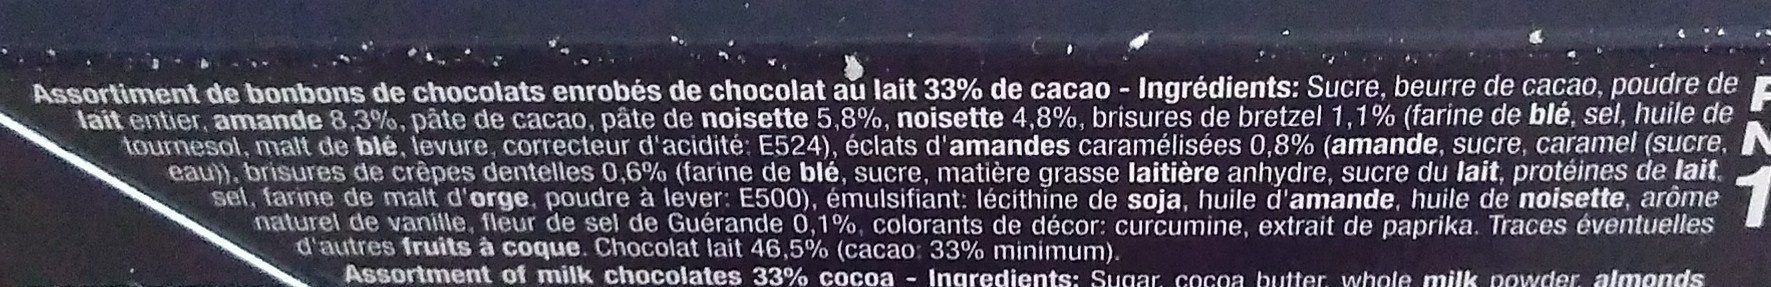 Assortiment de pralinés chocolat lait - Ingredients